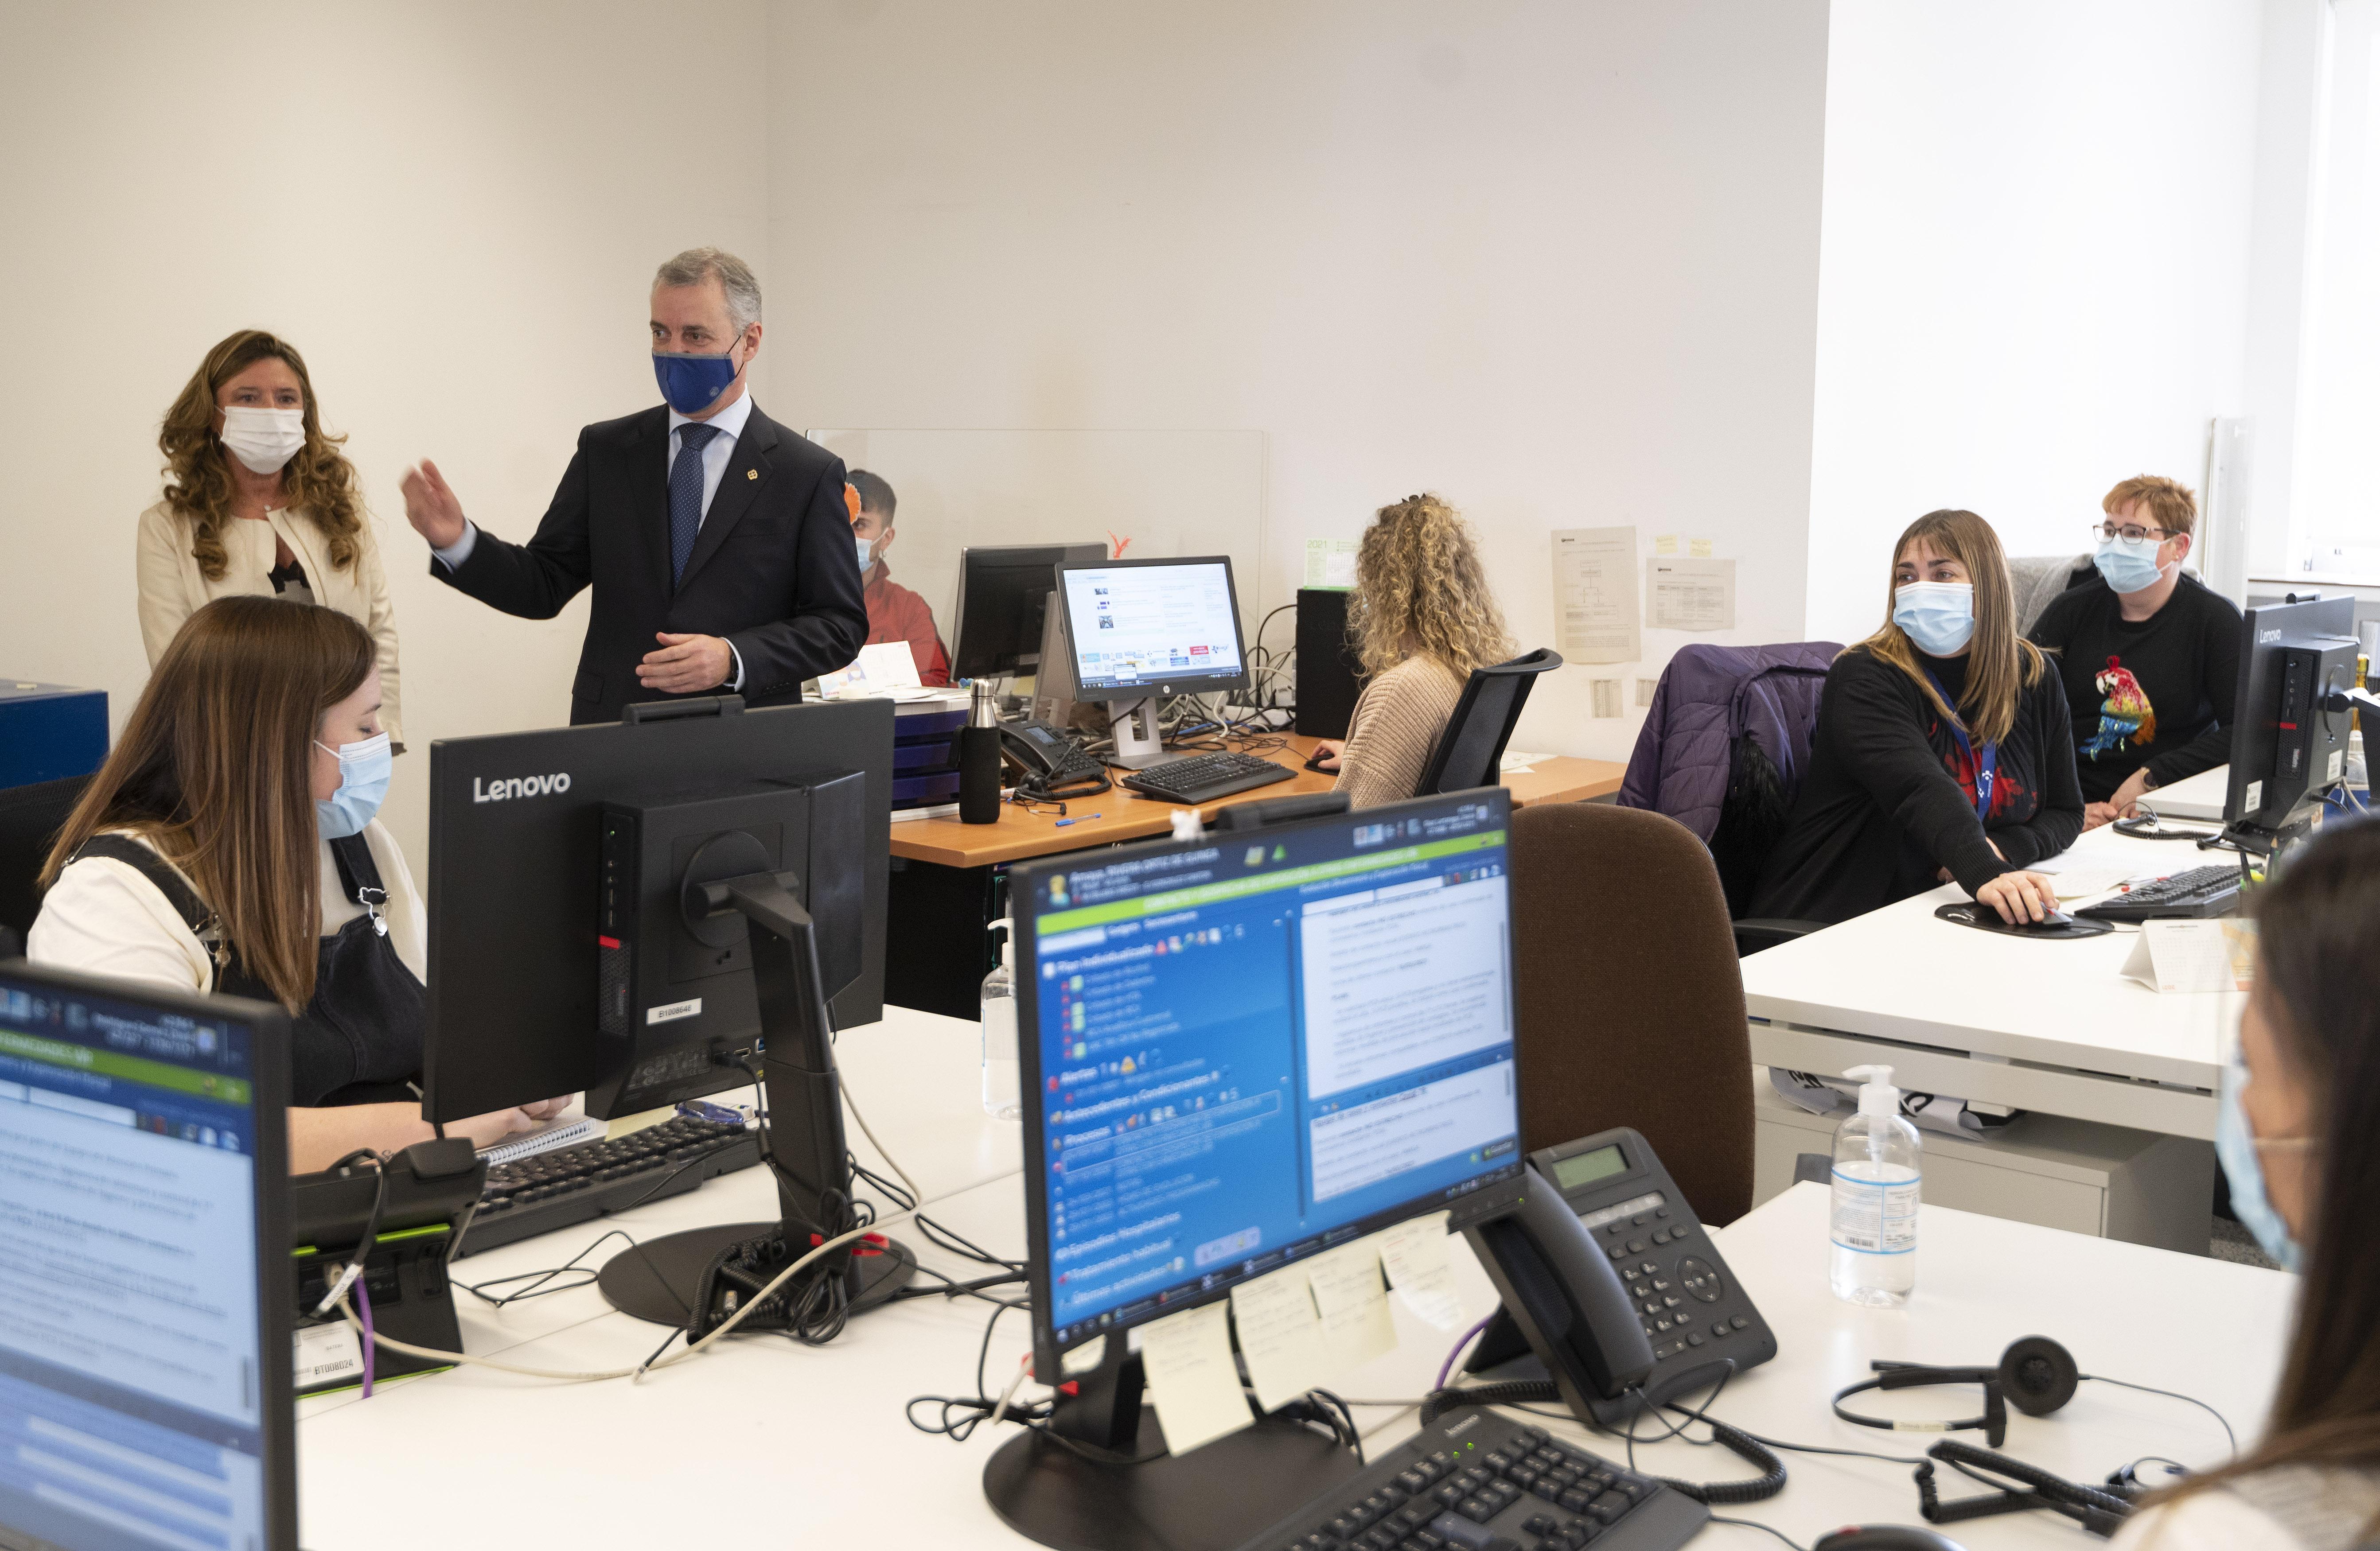 El Lehendakari agradece la labor de la red de rastreo y pide a la población su colaboración para ayudar a frenar al virus [11:19]